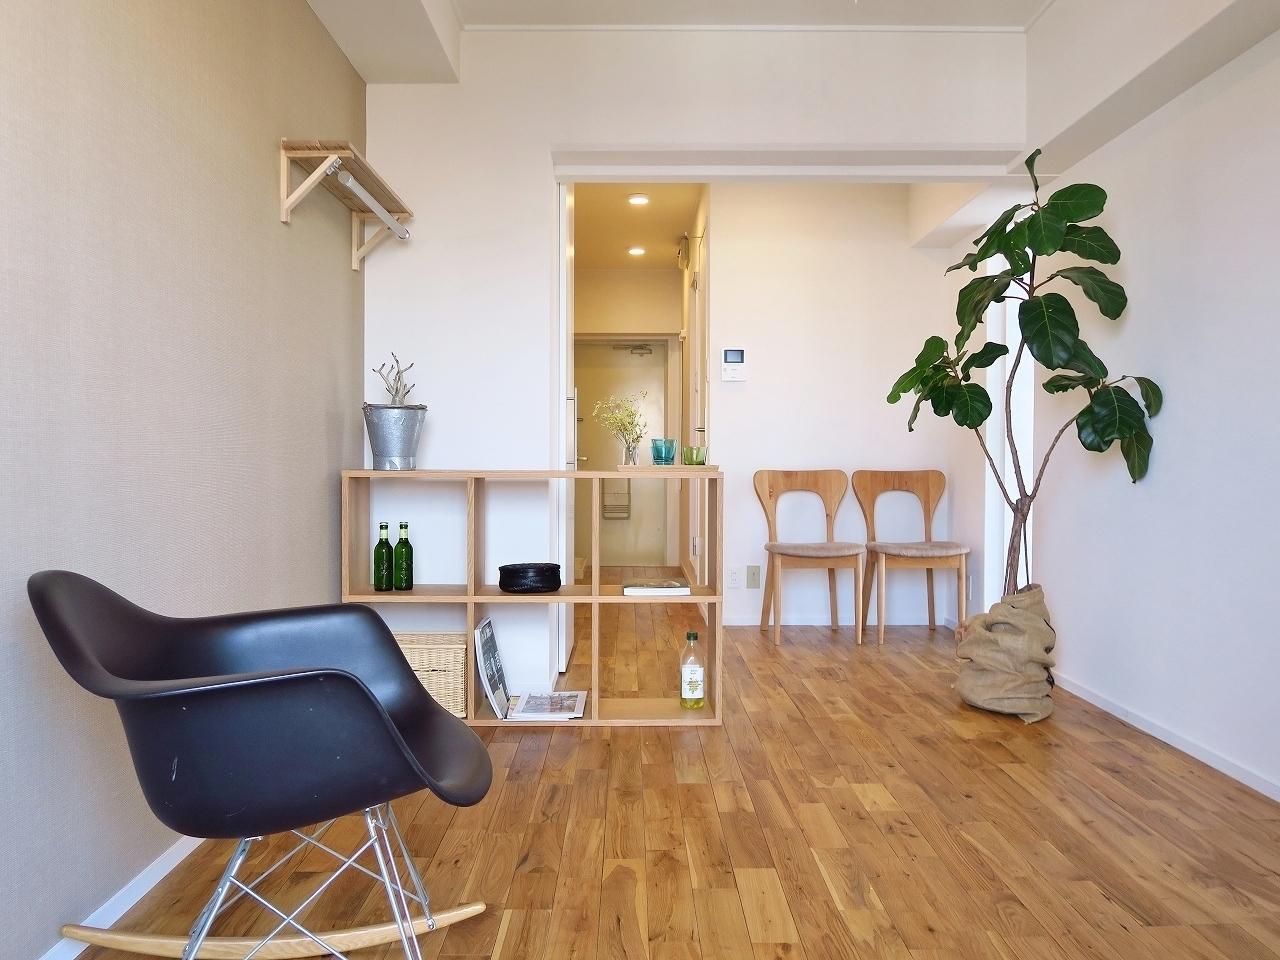 こちらは六甲駅から徒歩7分。goodroomのオリジナルリノベーション「TOMOS」仕様でおしゃれに生まれ変わったお部屋です。ナチュラルな無垢材を使った床は、肌触りがいいので一度住んだらやめられなくなりそう……。(※家具はイメージです)